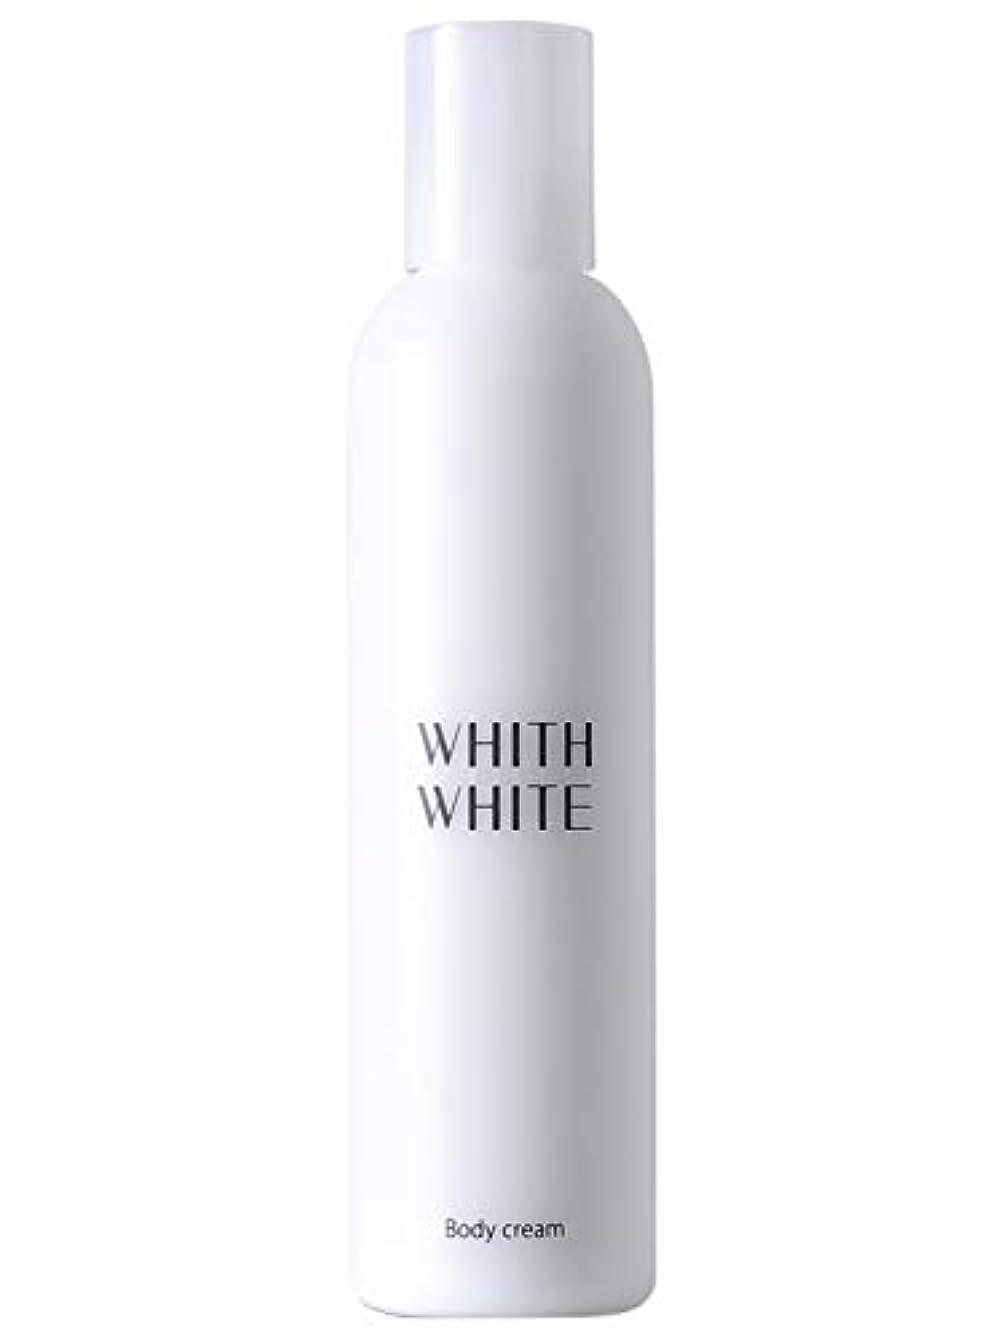 悪性腫瘍実用的カーペットフィス ホワイト 保湿 ボディクリーム 「顔 かかと 全身 乾燥肌 しみ くすみ 用 エモリエント 保湿クリーム 」200g